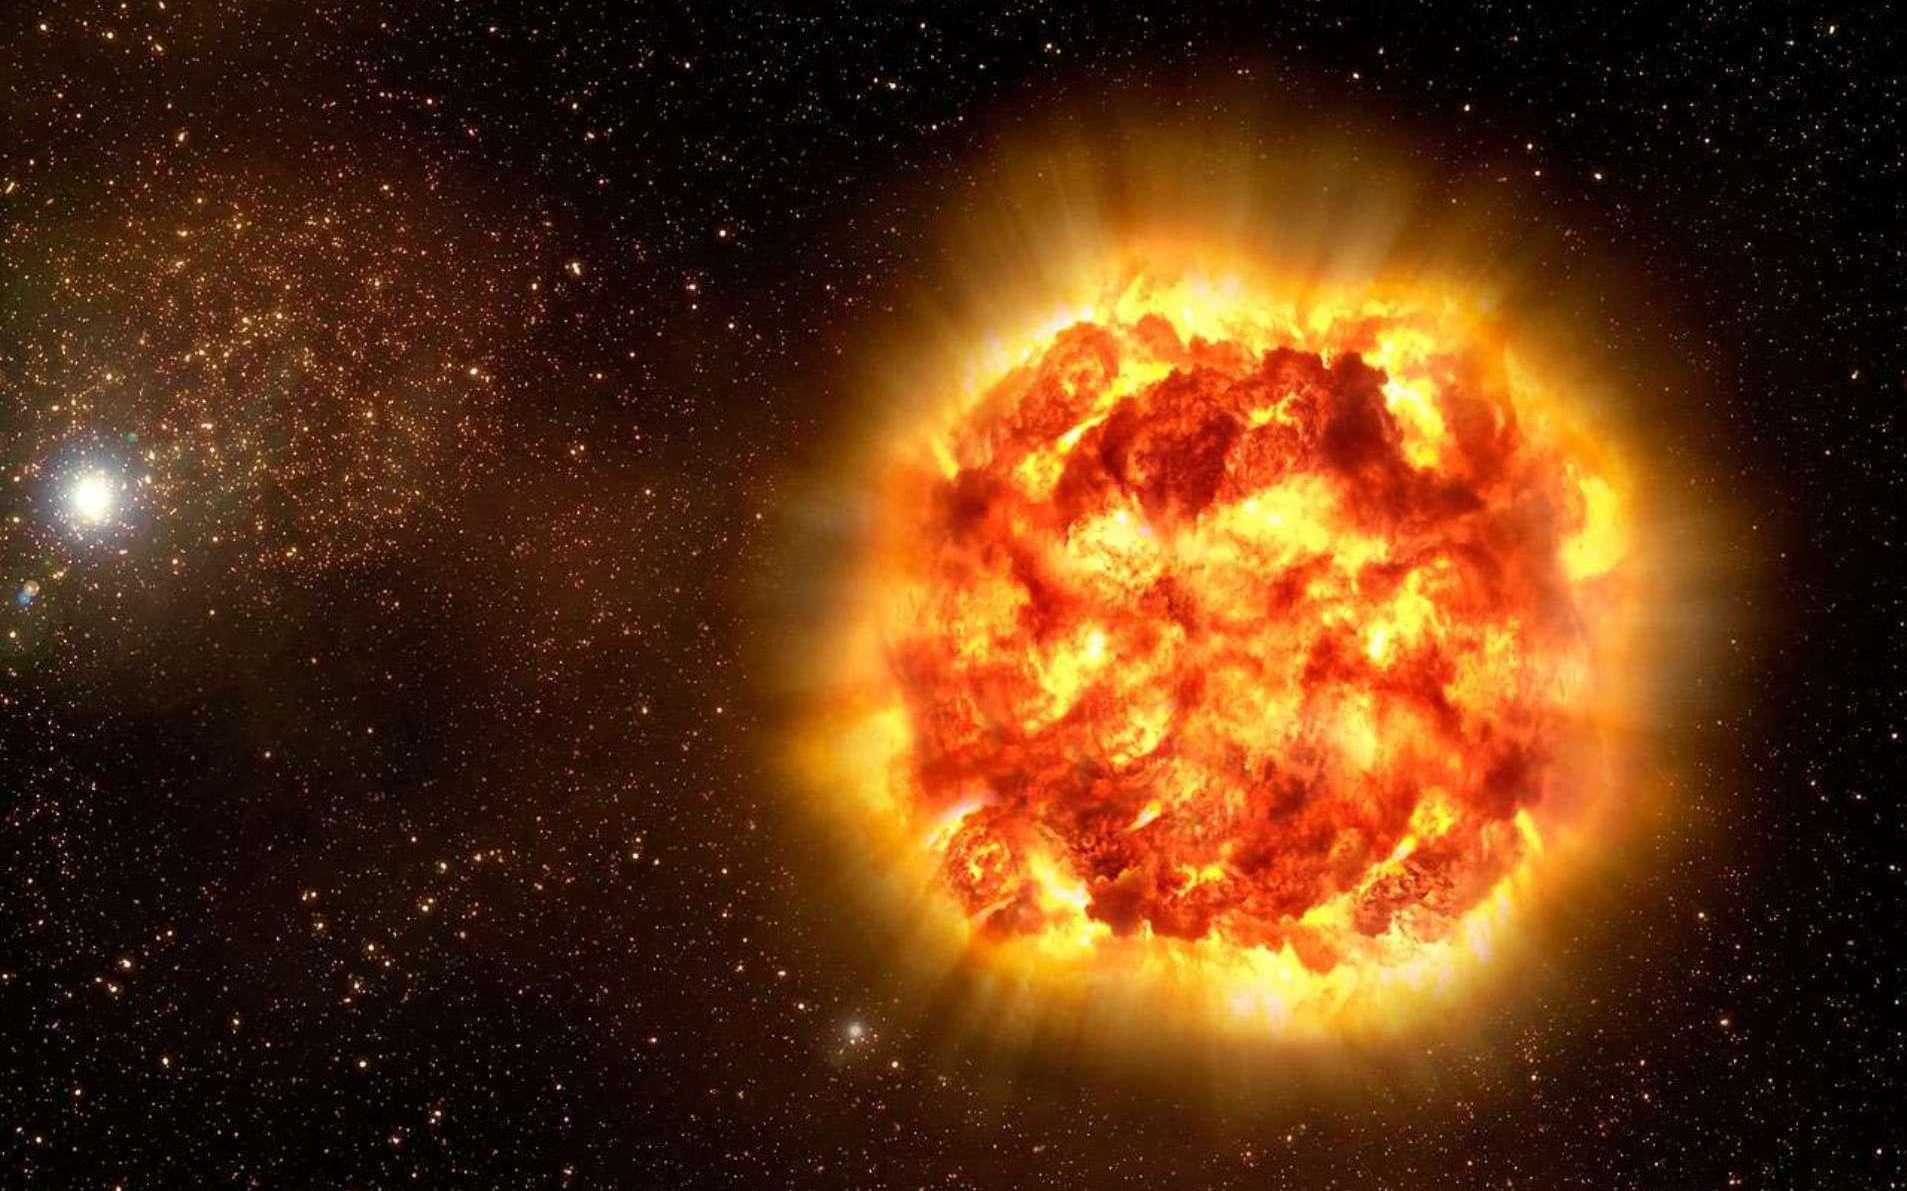 Certaines des supernovae de la Voie lactée sont des SN II, d'autres des SN Ia. Si, comme le montre cette vue d'artiste d'une telle explosion, elles sont bien visibles à quelques années-lumière pour un observateur dans le disque galactique, elles ne le sont pas pour d'autres. En effet, les nuages de poussière de la Voie lactée ne laissent passer sur de longues distances que la lumière infrarouge, et pas la lumière visible. © ESO